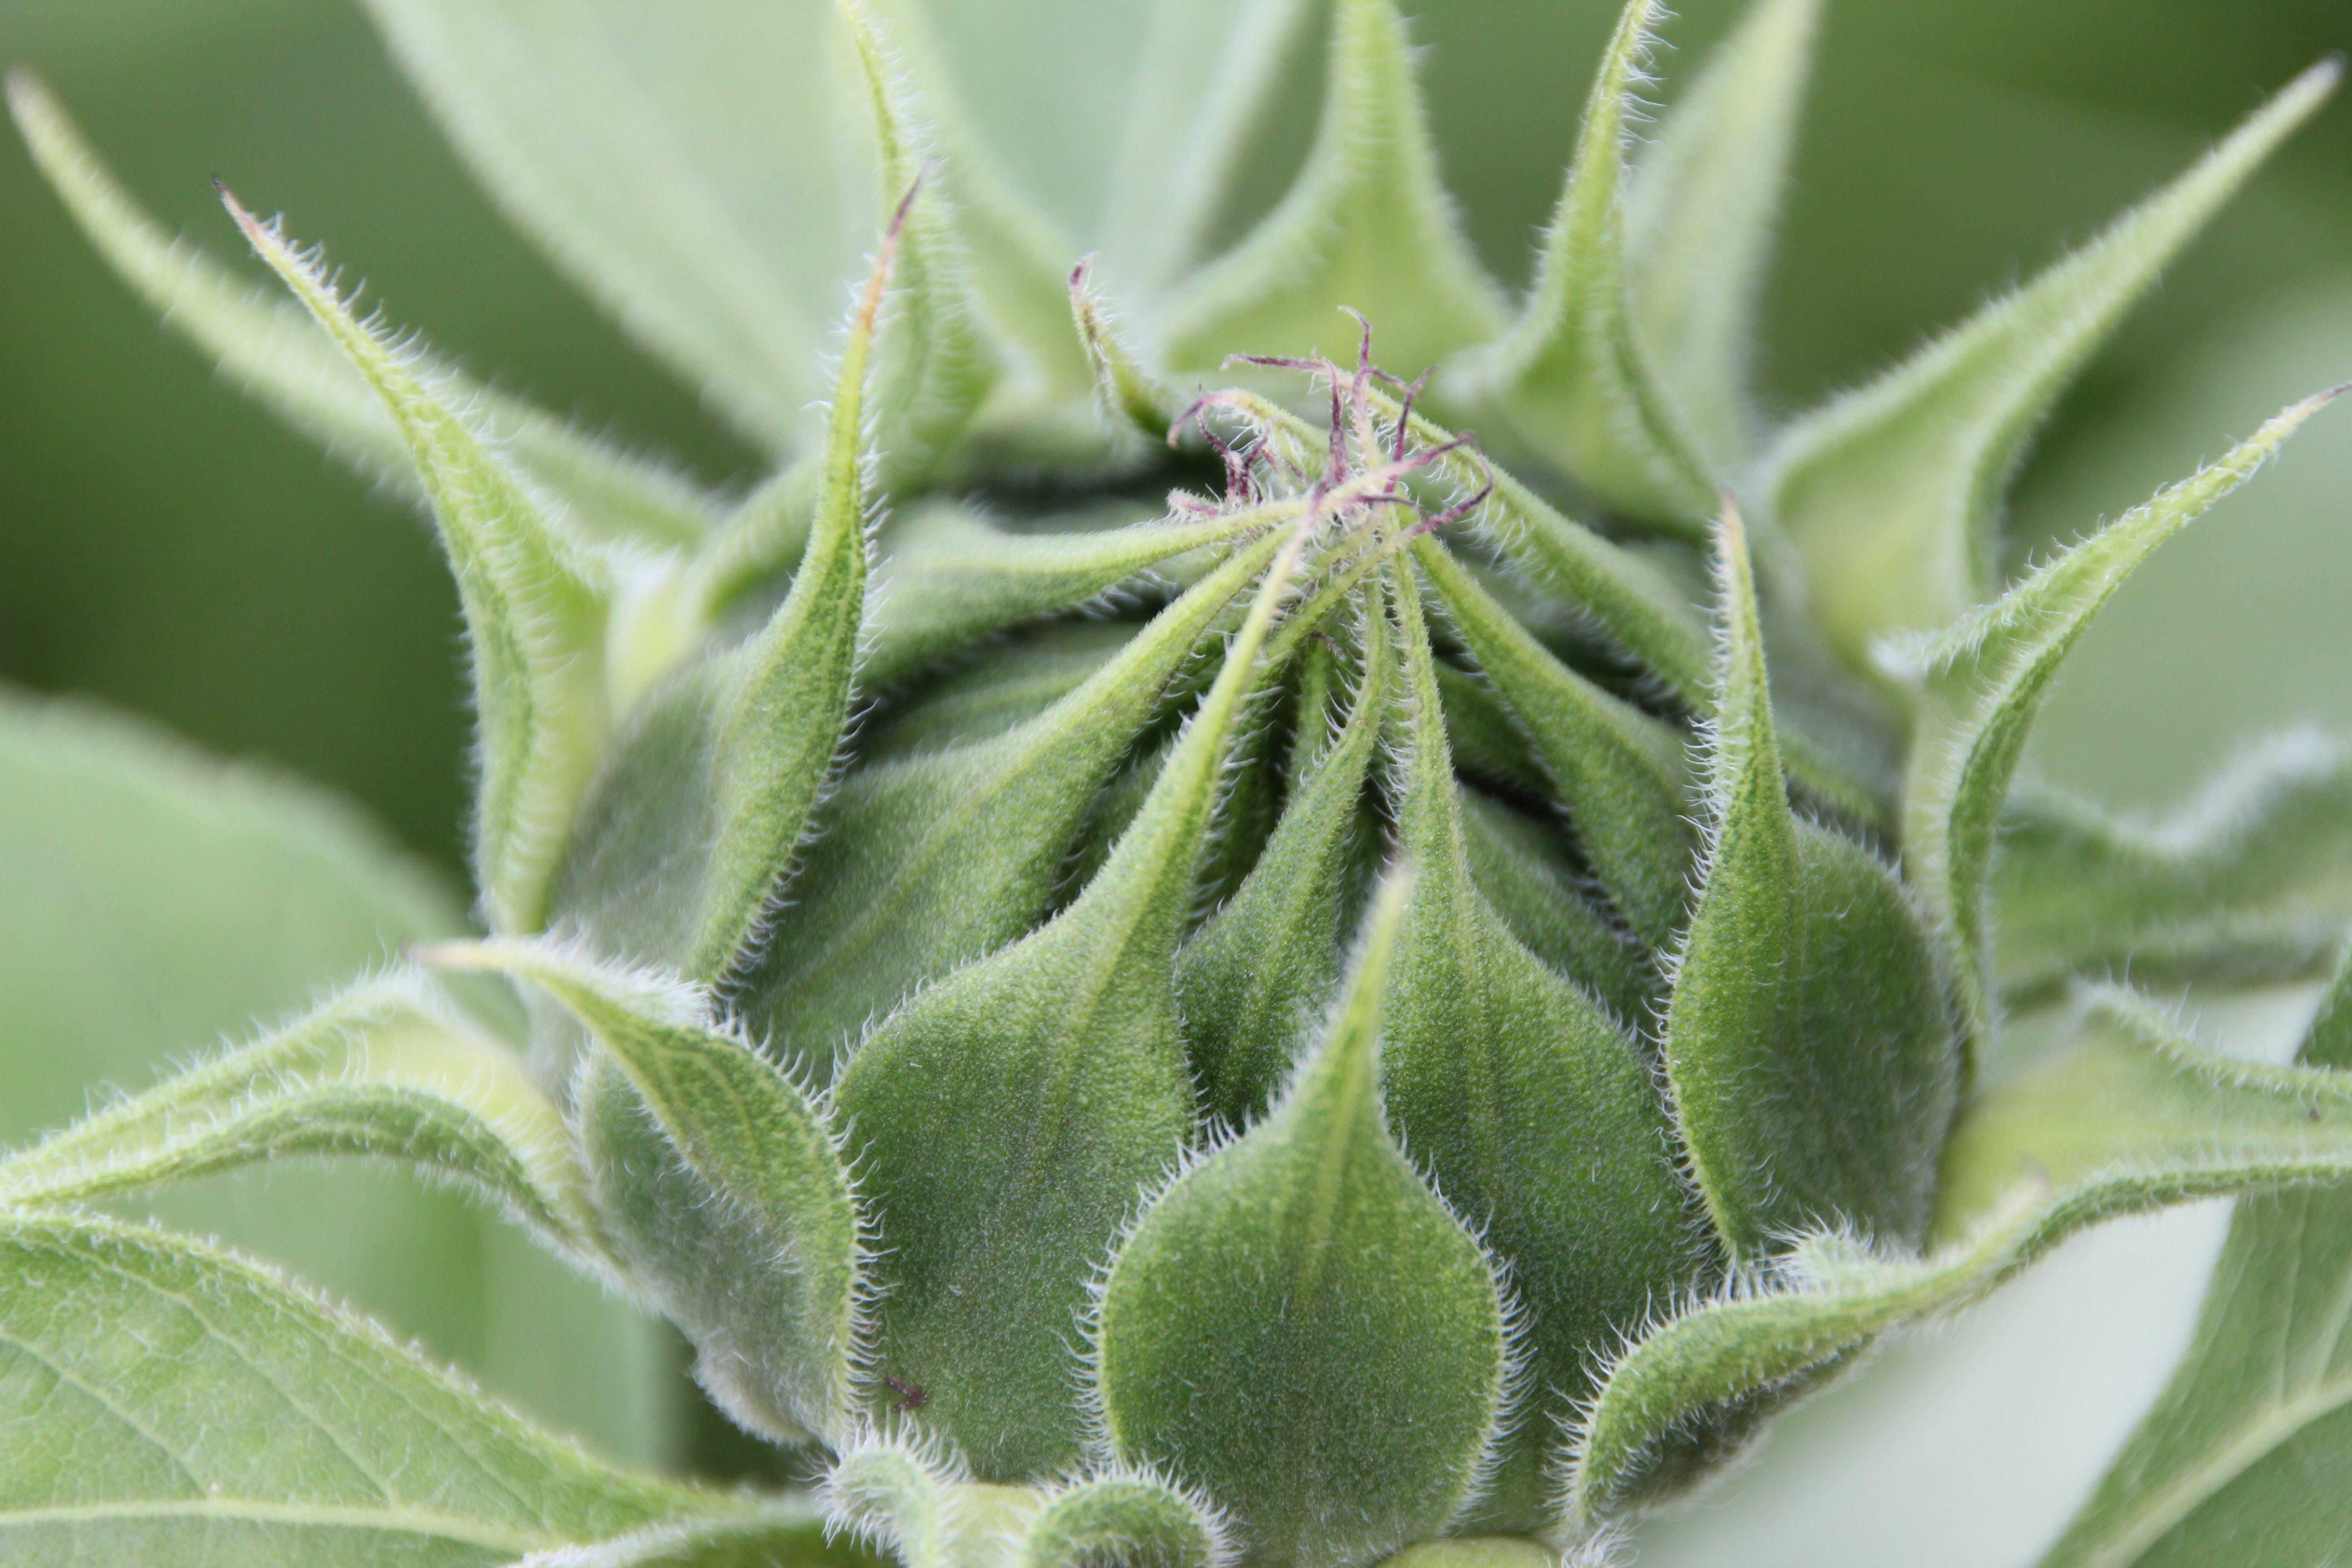 꽃봉오리, 녹색, 식물, 클로즈업의 무료 스톡 사진